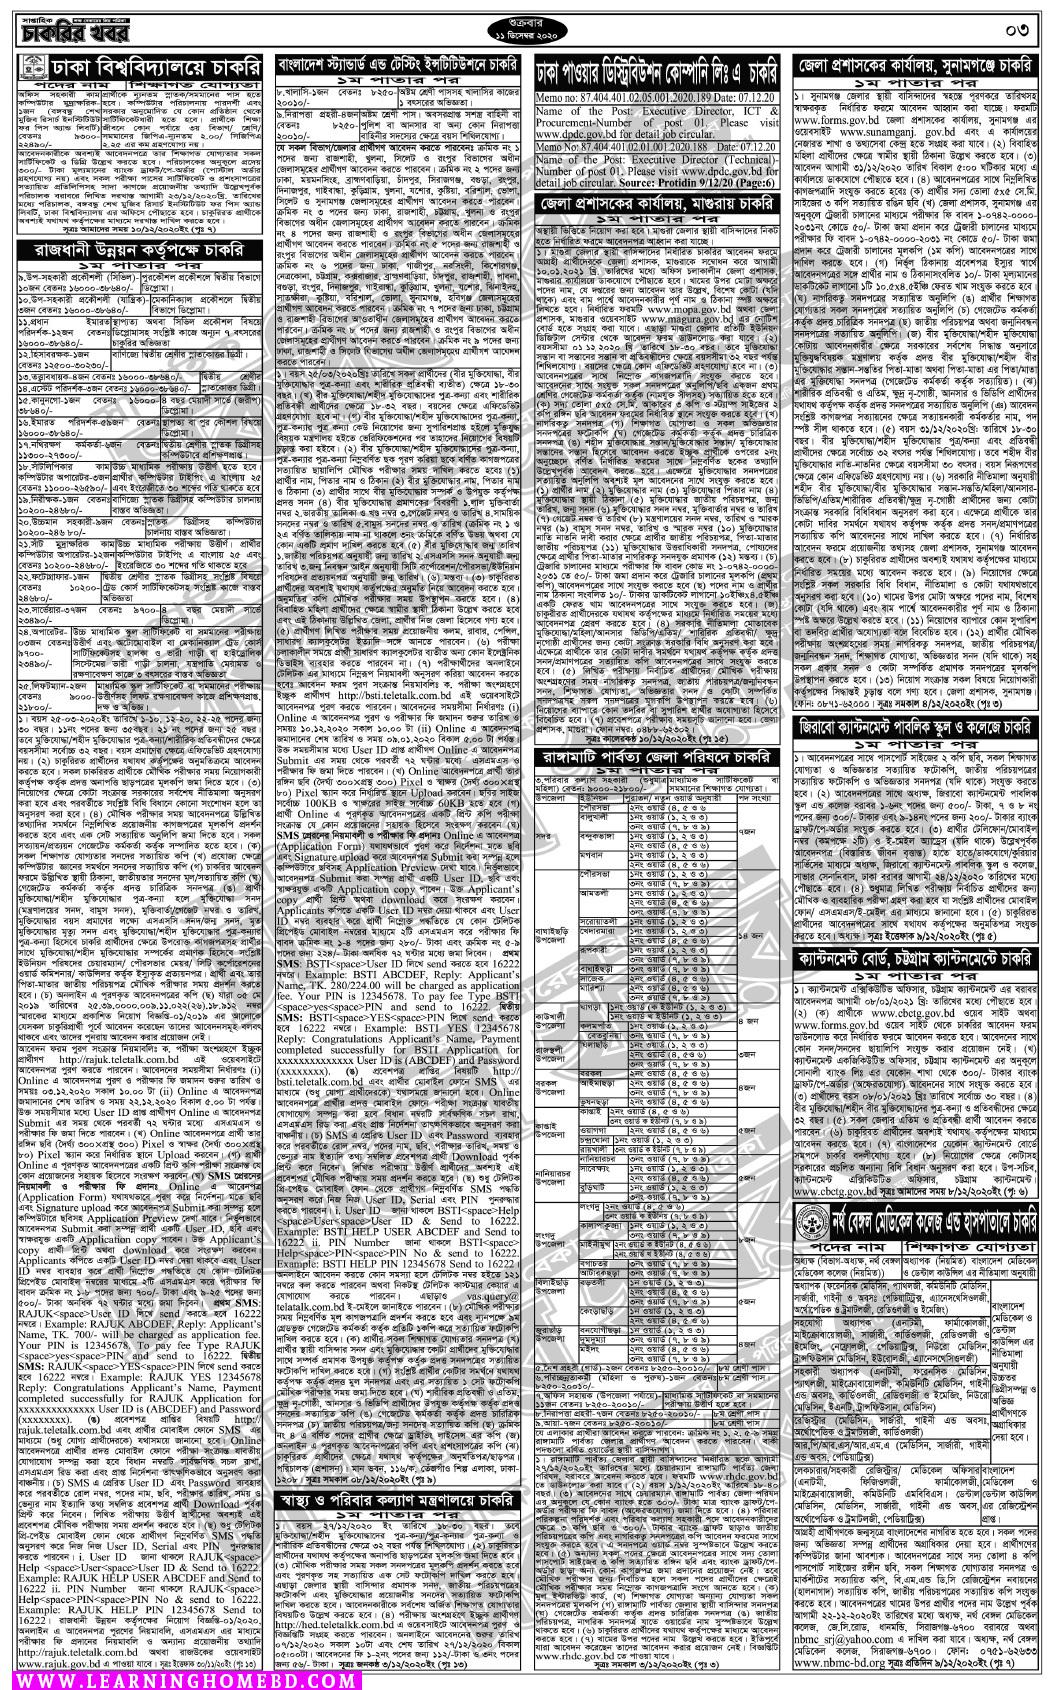 weekly-JOB-Newspaper-Dec-20-3